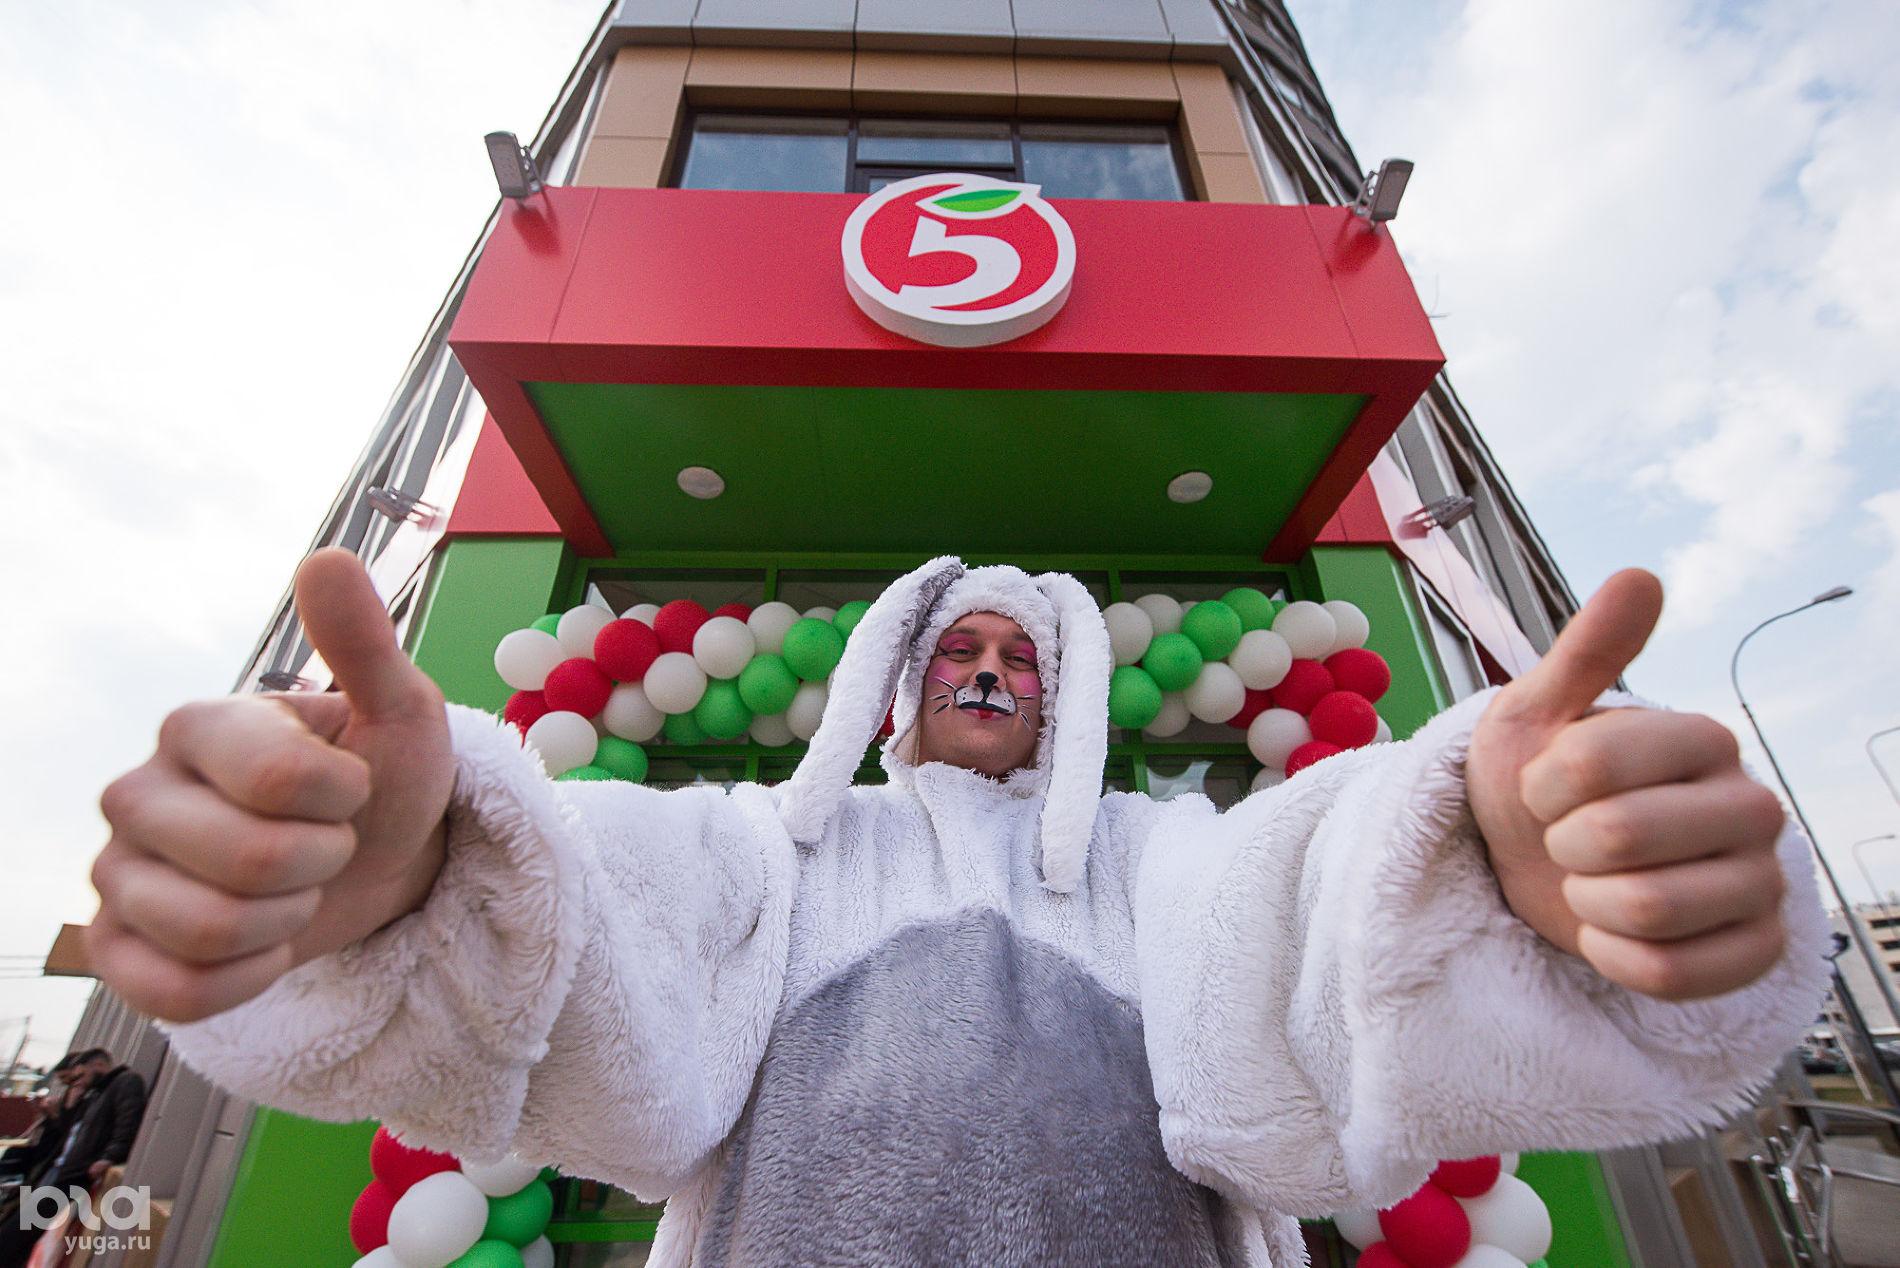 Открытие двухсотой «Пятёрочки» в Краснодарском крае ©Фото Елены Синеок, Юга.ру